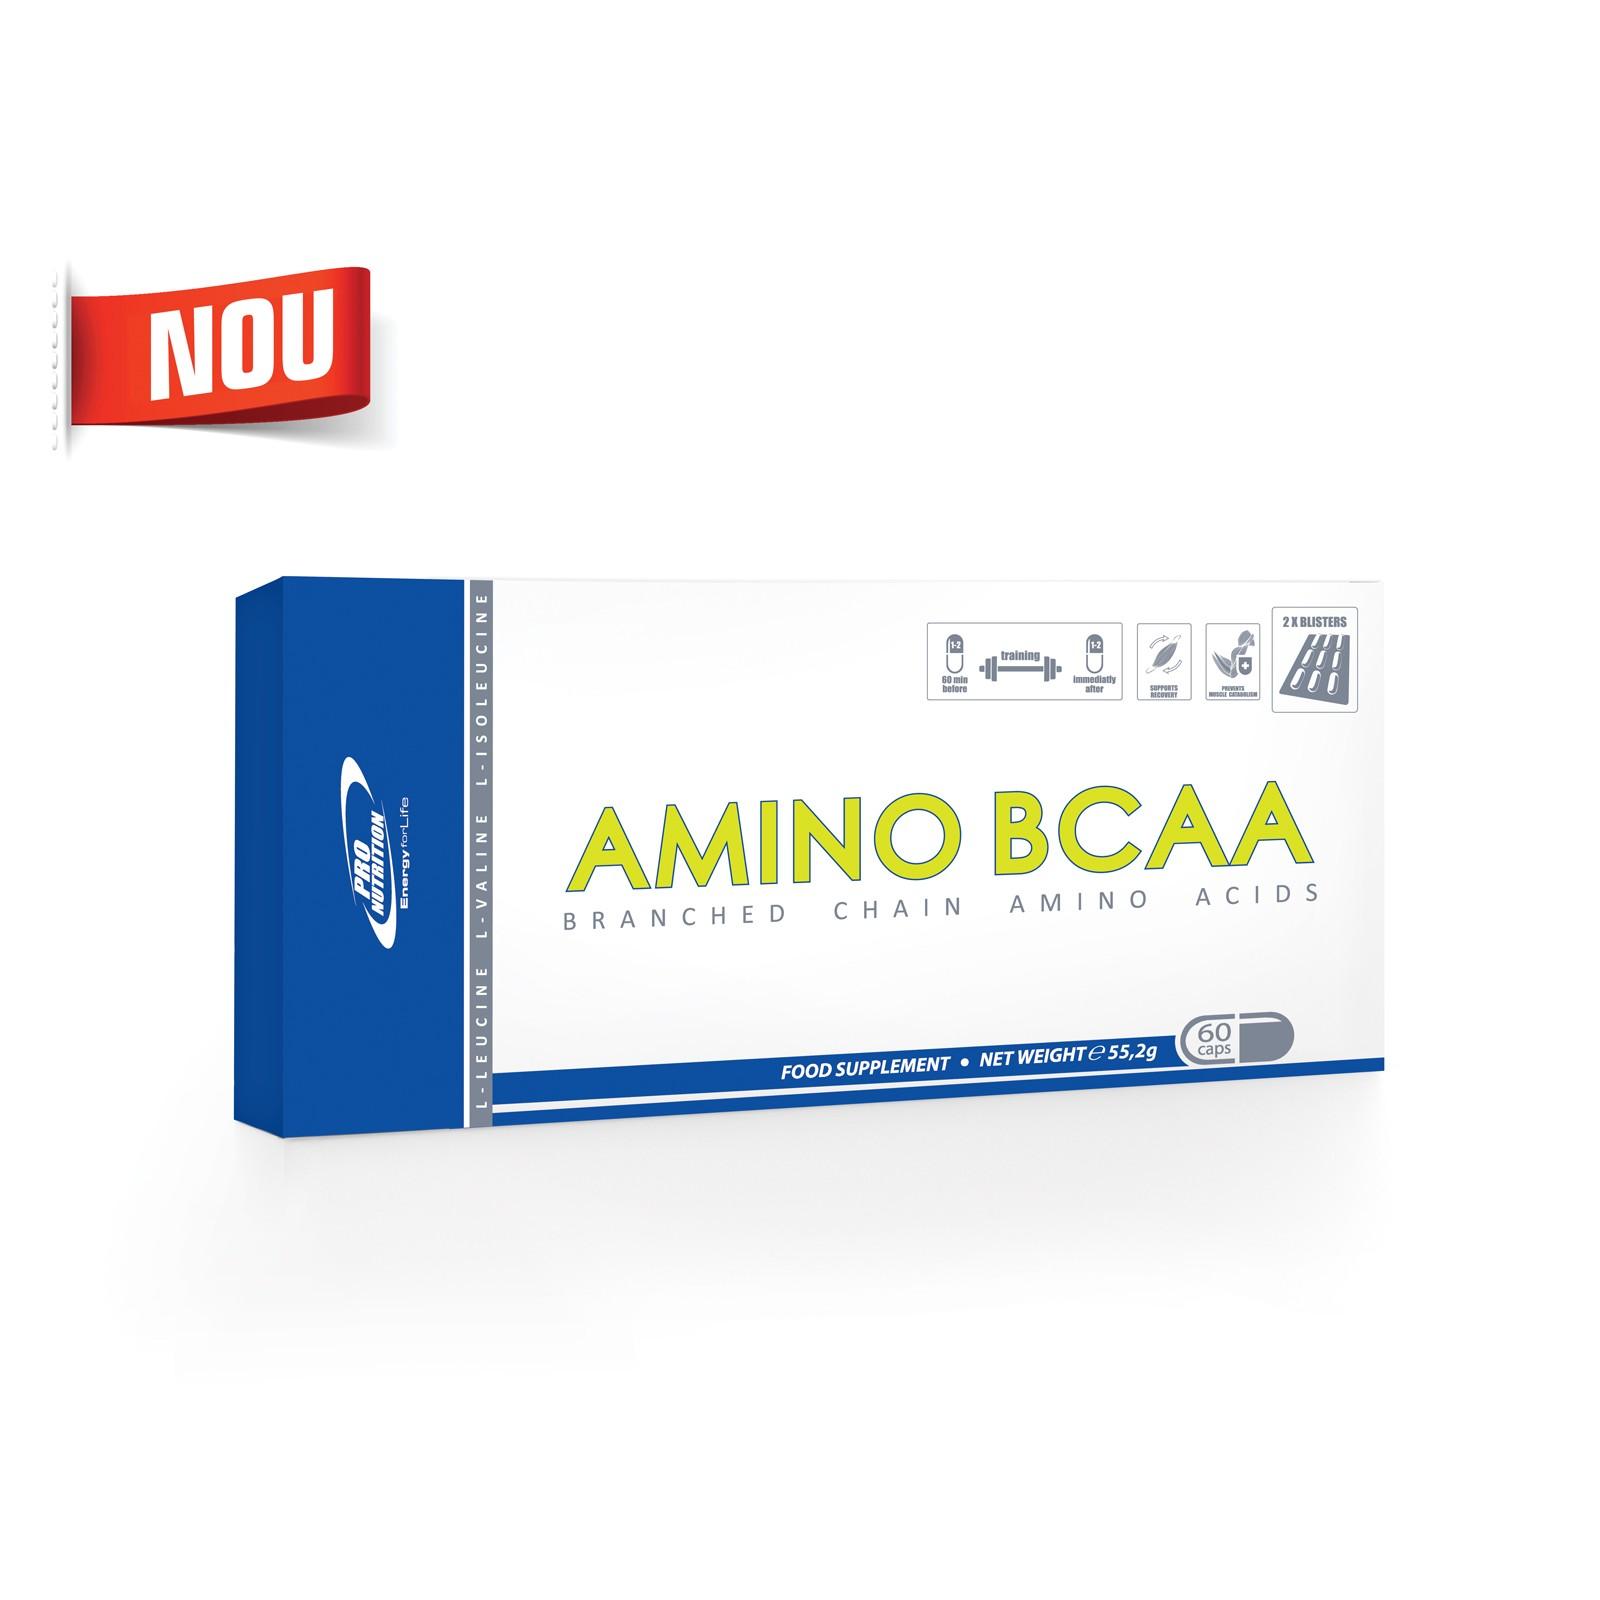 Amino BCAA